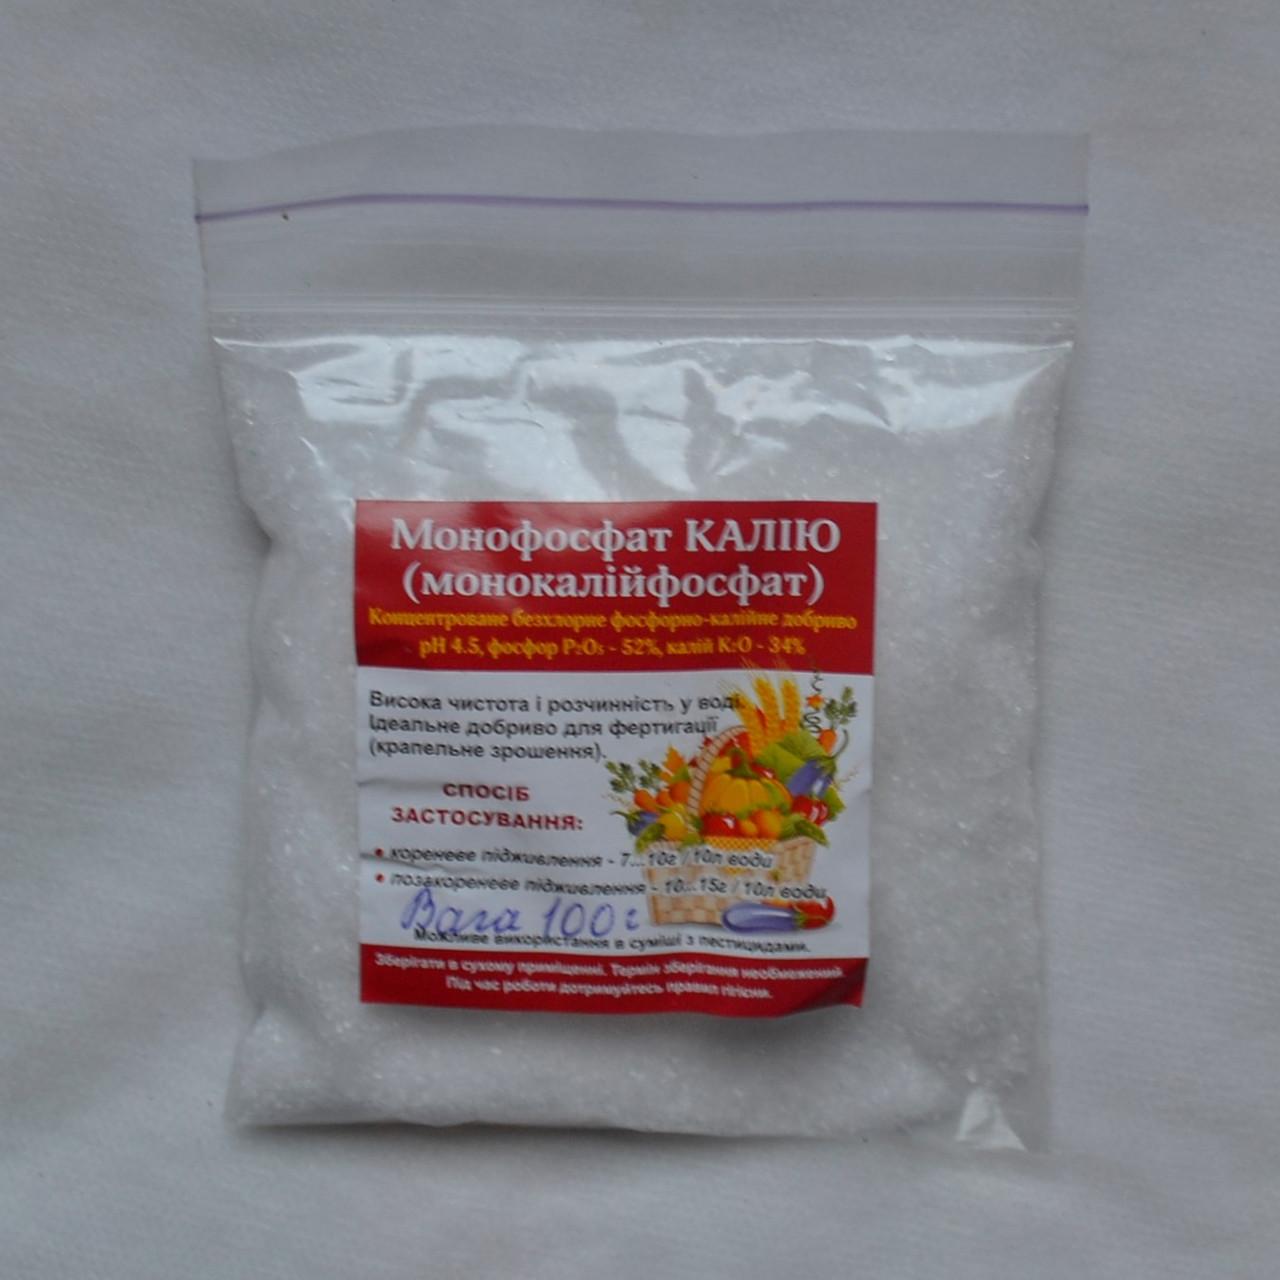 Удобрение Монофосфат калия (монокалийфосфат), 100 г - (68241088)